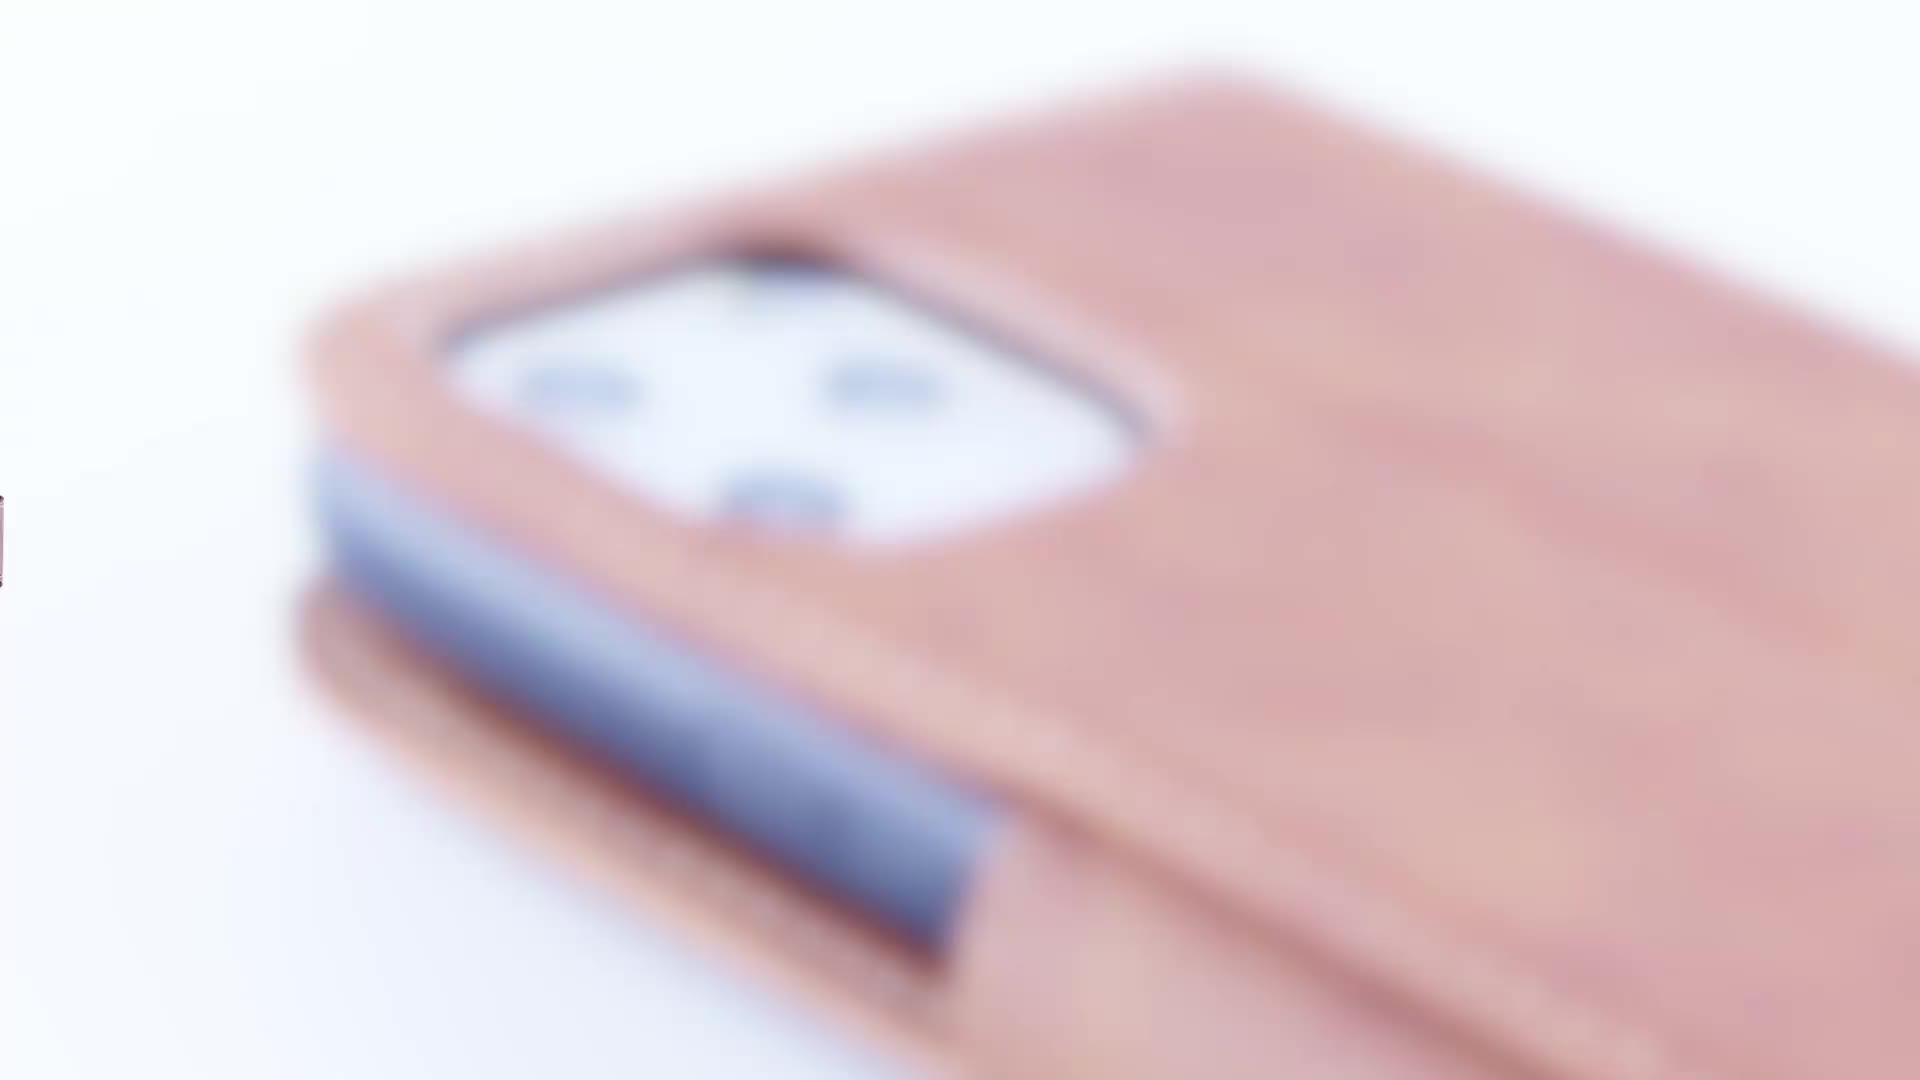 कस्टम फैशन चुंबकीय कार्ड फ्लिप बटुआ चमड़ा सेल फोन के मामले के लिए iPhone 11 प्रो मैक्स